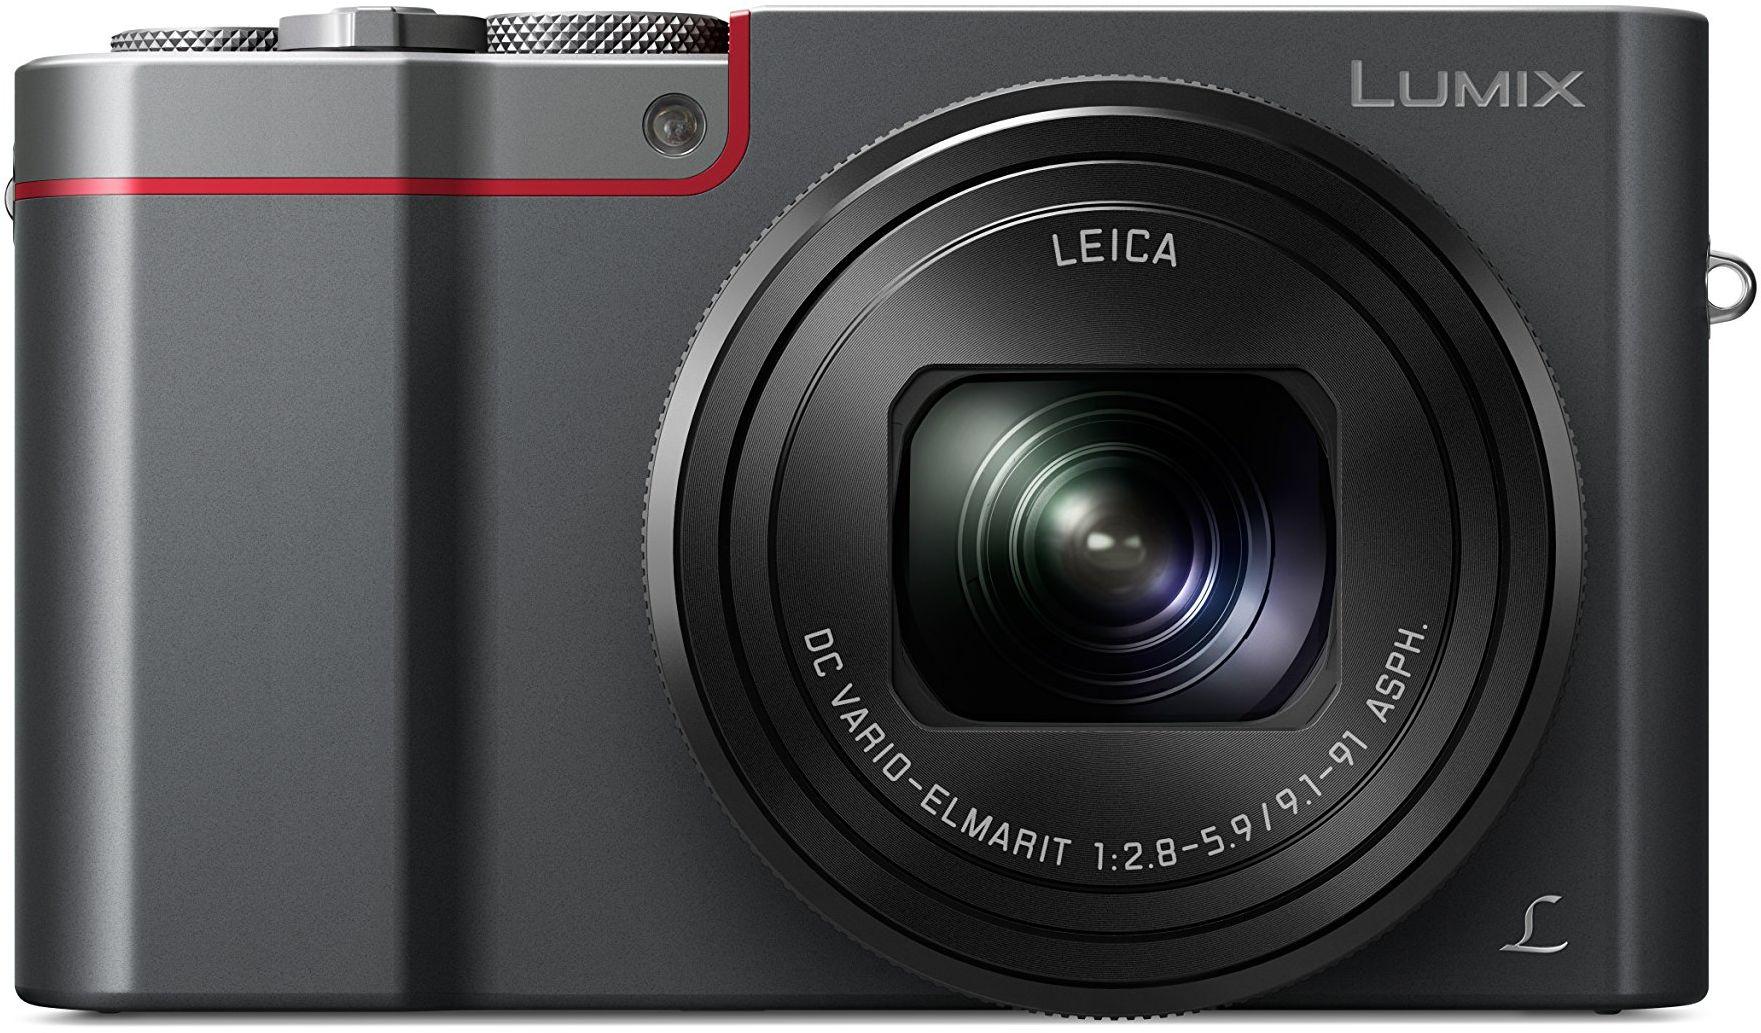 Panasonic Lumix DMC-TZ101EGS Travelzoom aparat fotograficzny (20,1 MP, 10x zoom LEICA, 4K, wyszukiwarka, 3-calowy ekran dotykowy LCD, srebrny)